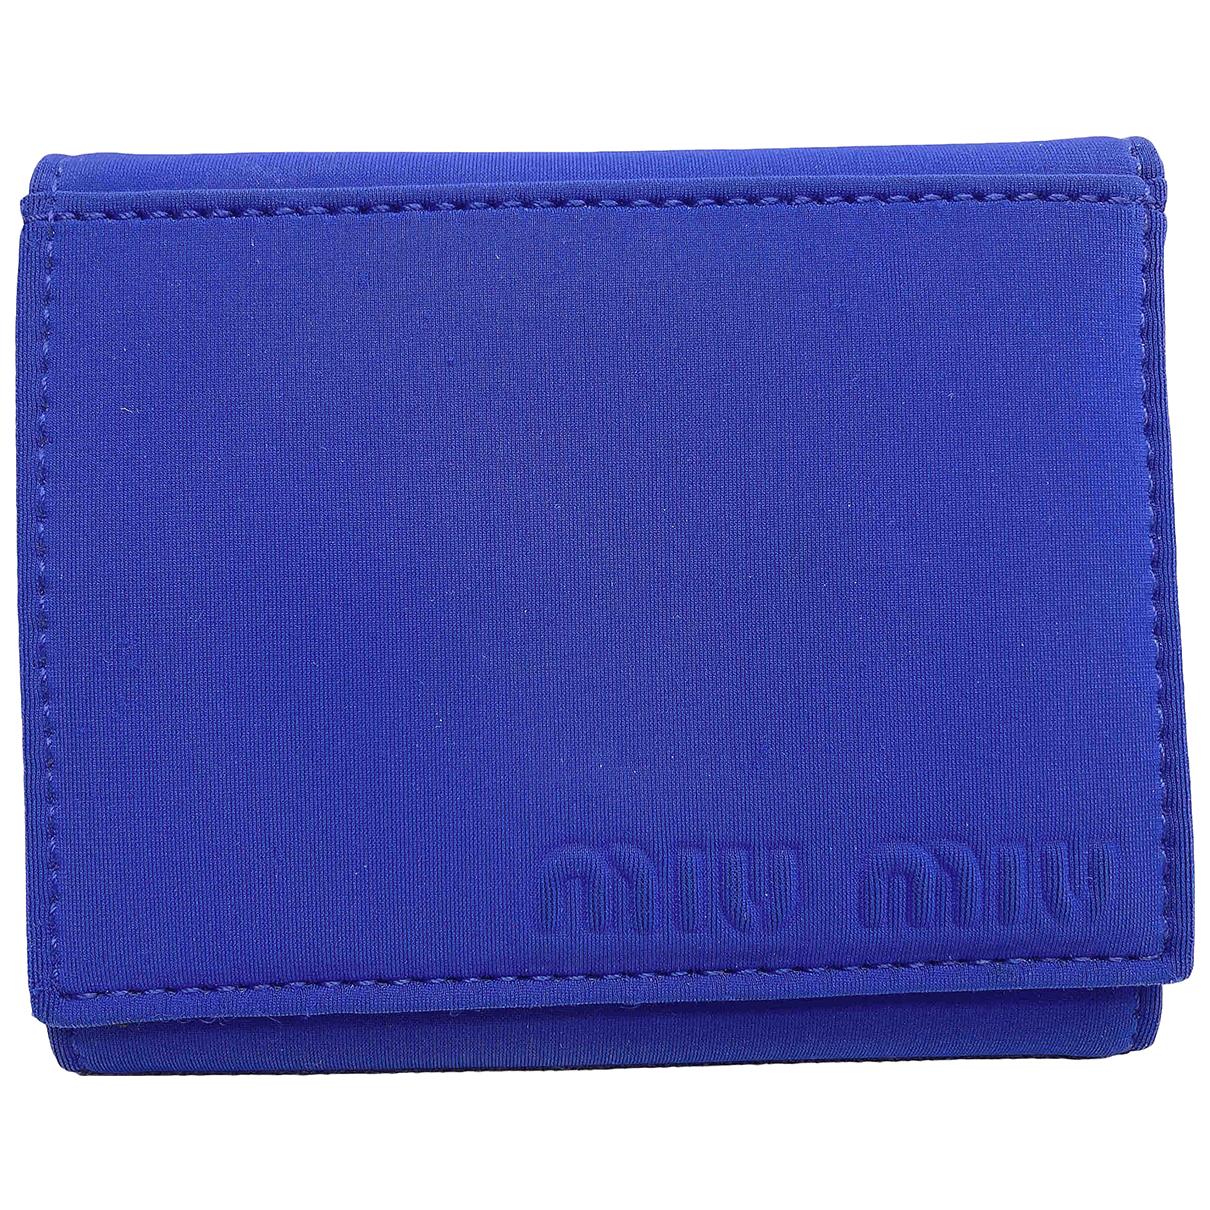 Miu Miu - Portefeuille   pour femme en toile - bleu